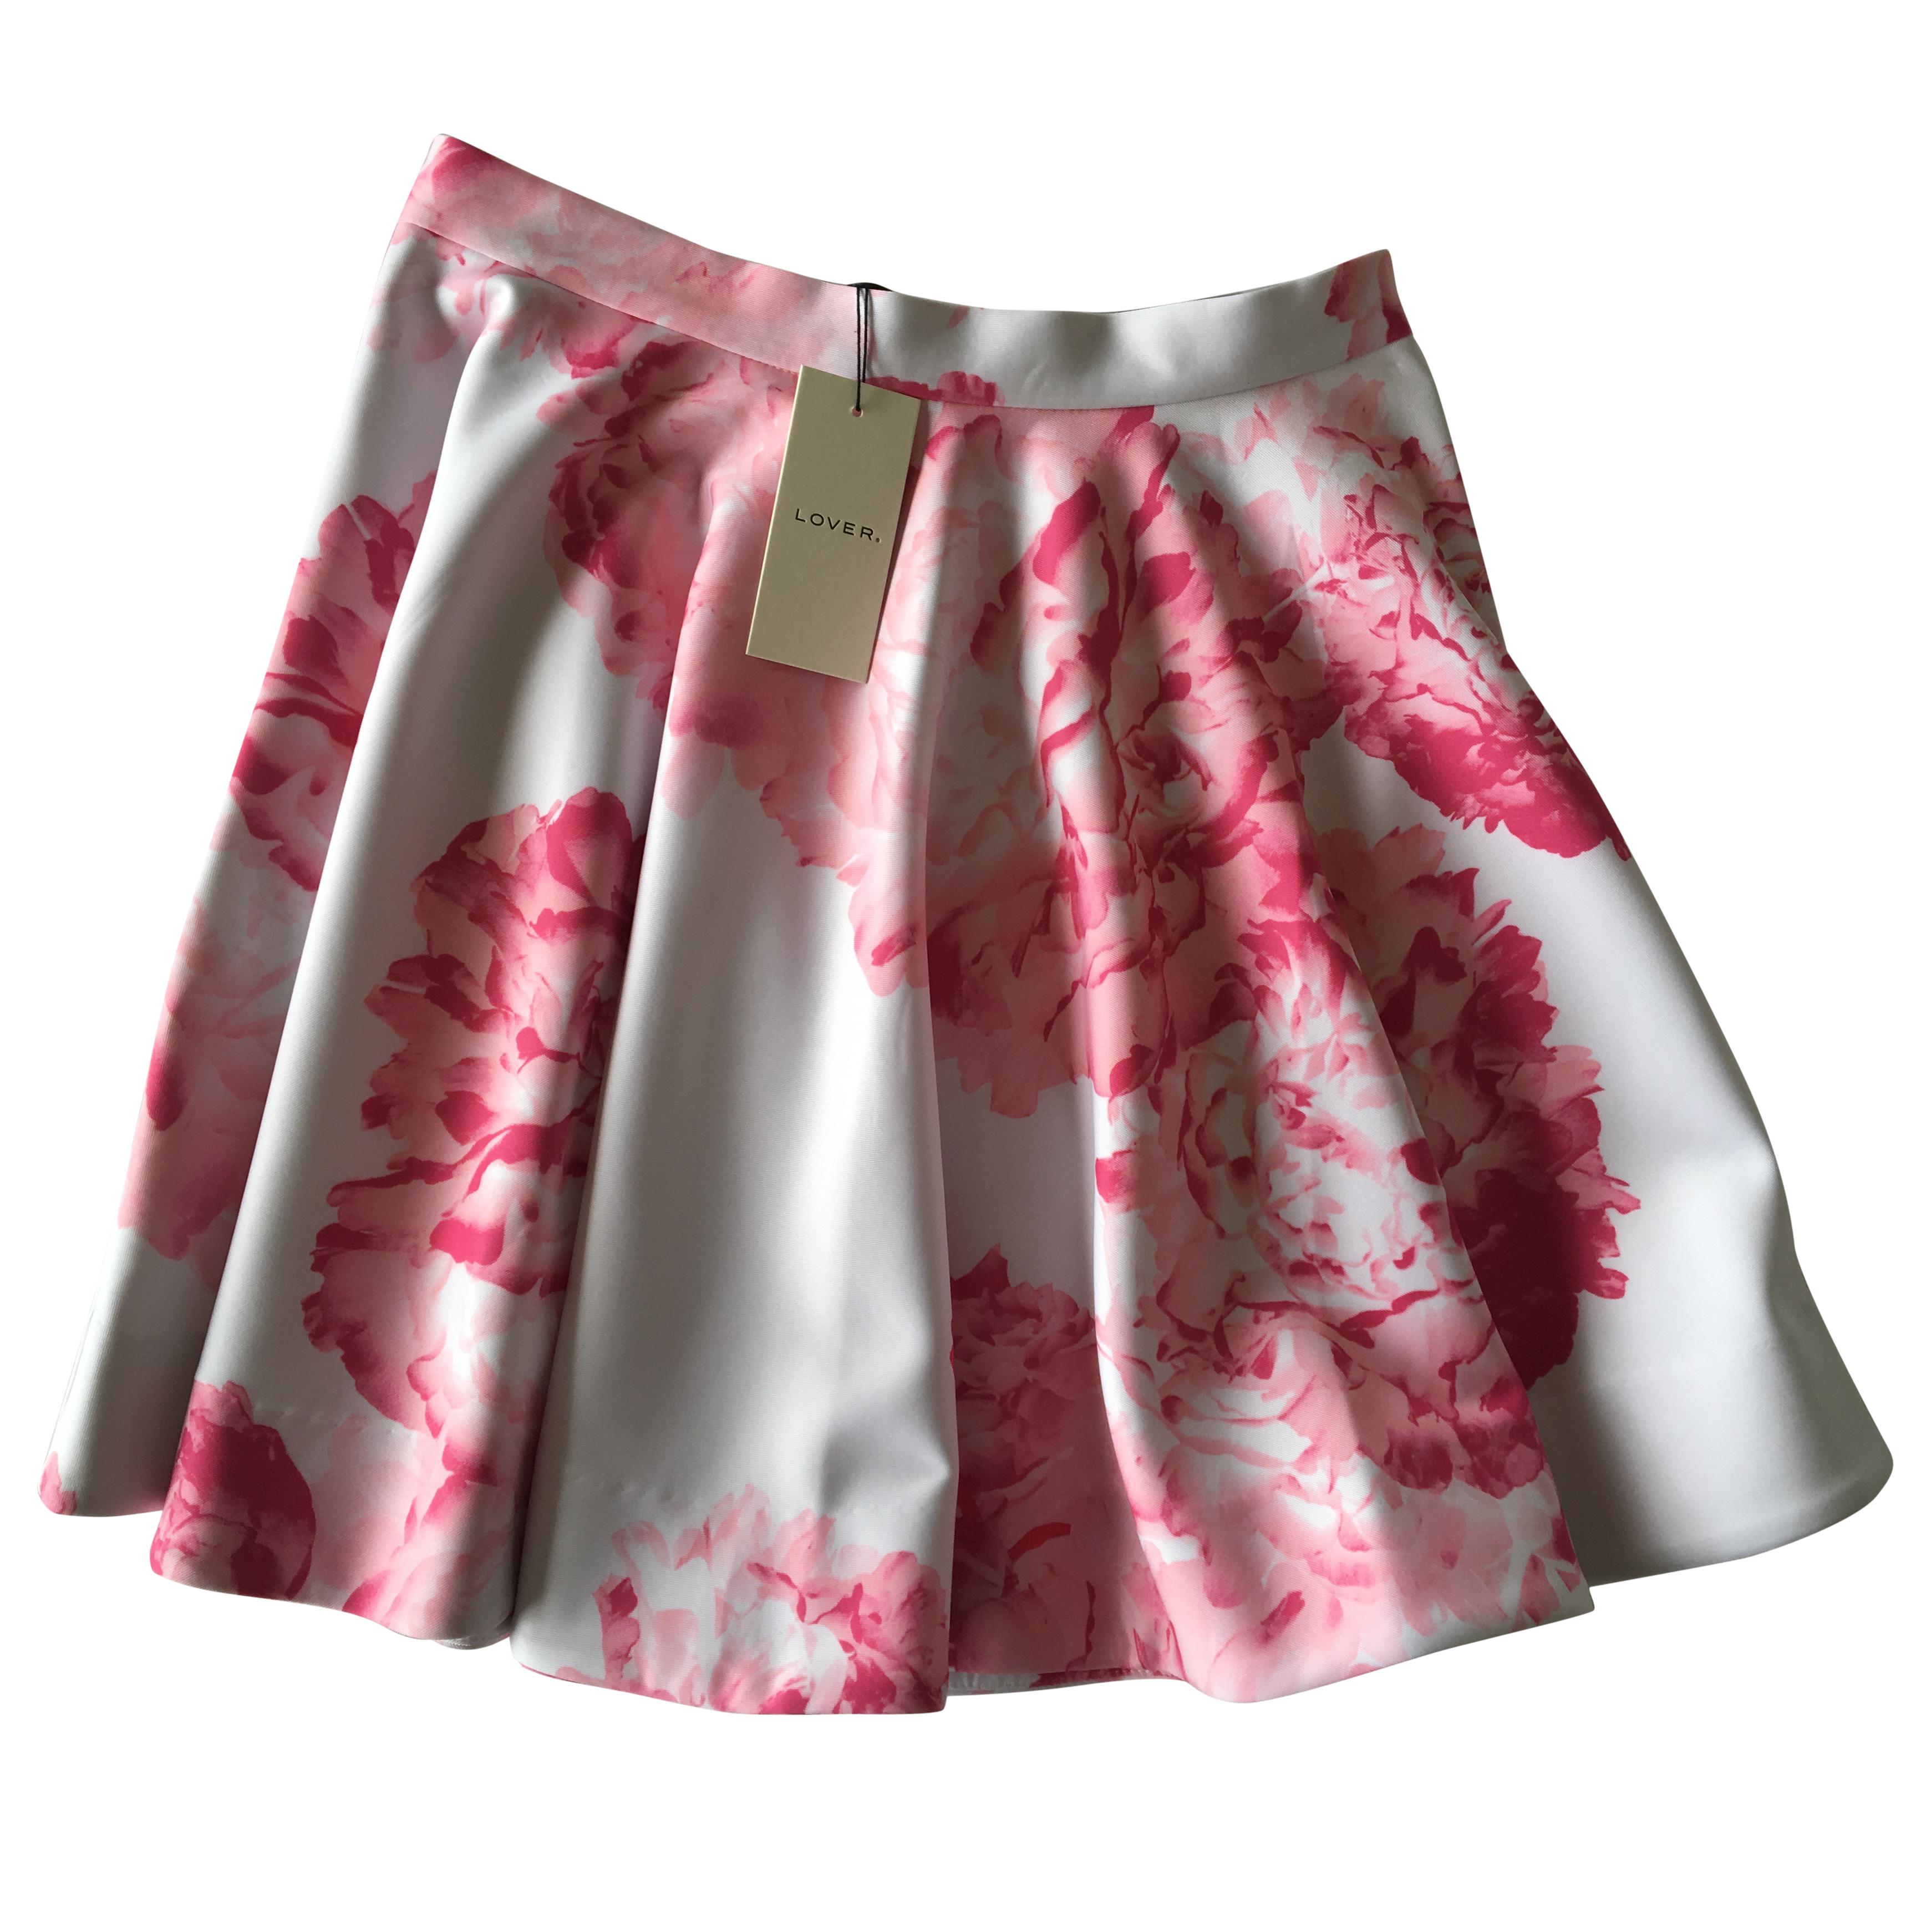 Lover 'Bloom' mini skirt brand new